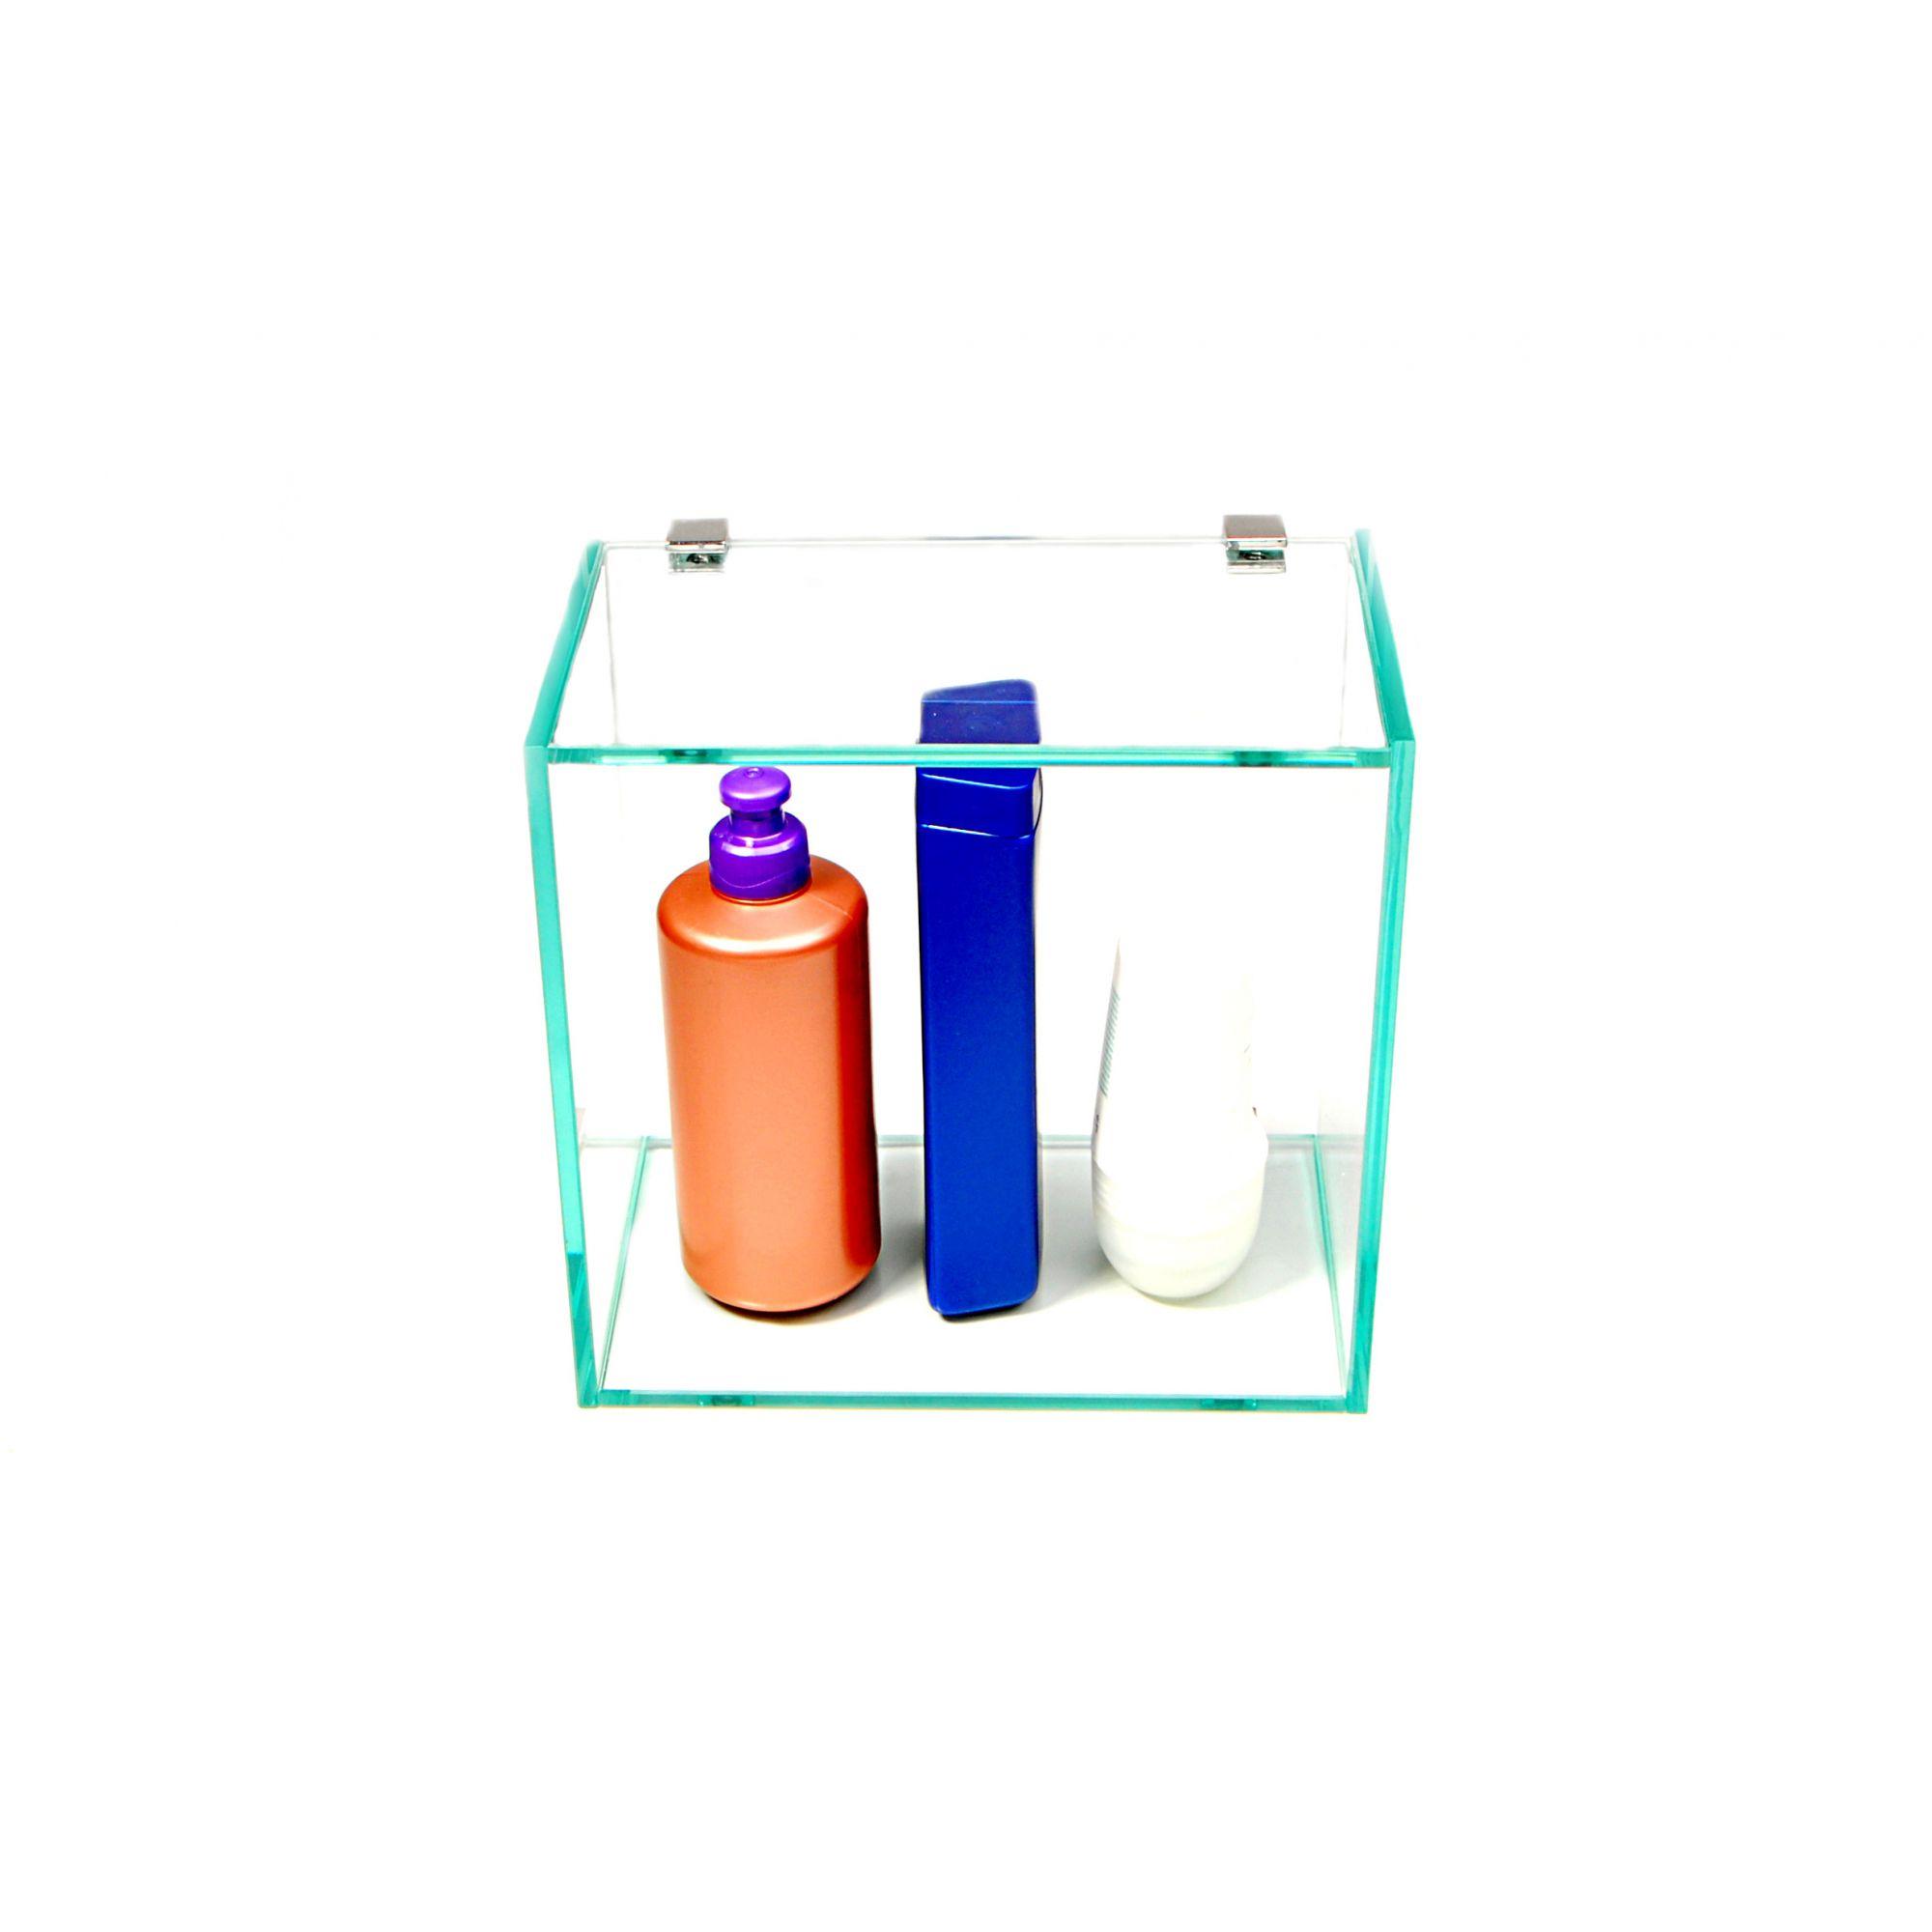 Nicho em Vidro Incolor 6mm com Suportes Redondos - Aquabox  - 20cmx20cmx12cm